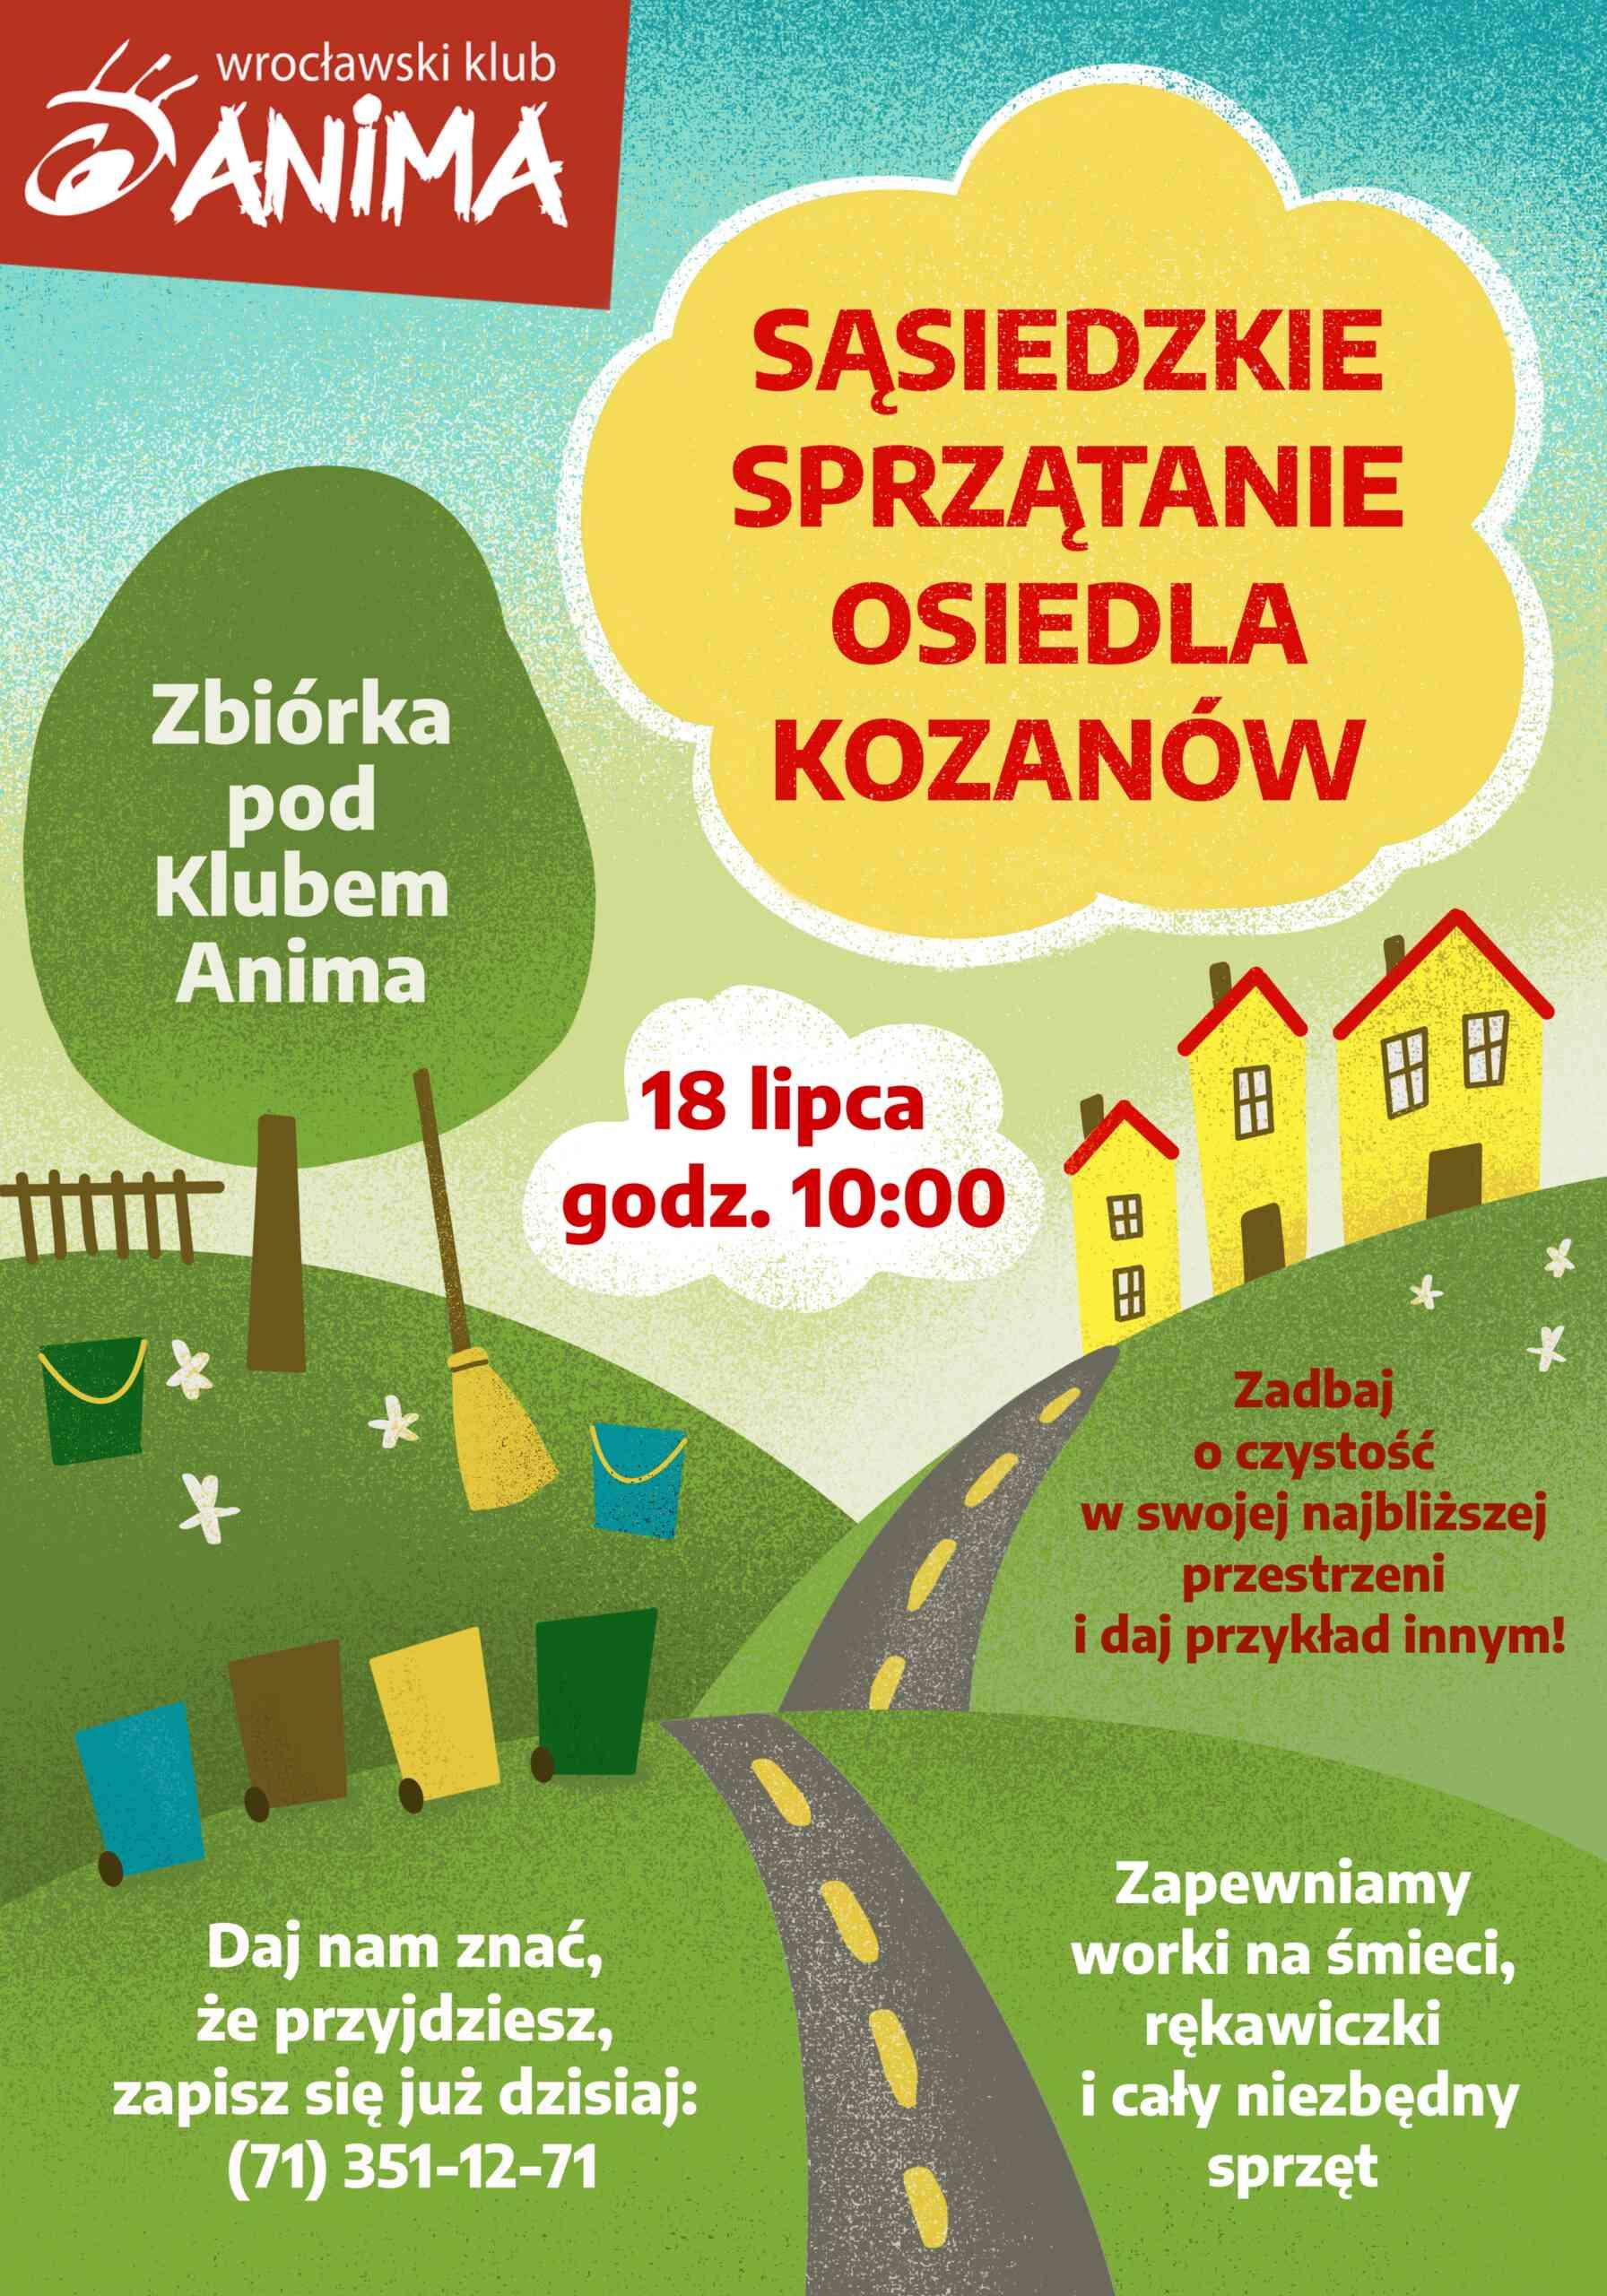 Sąsiedzkie sprzątanie osiedla Kozanów